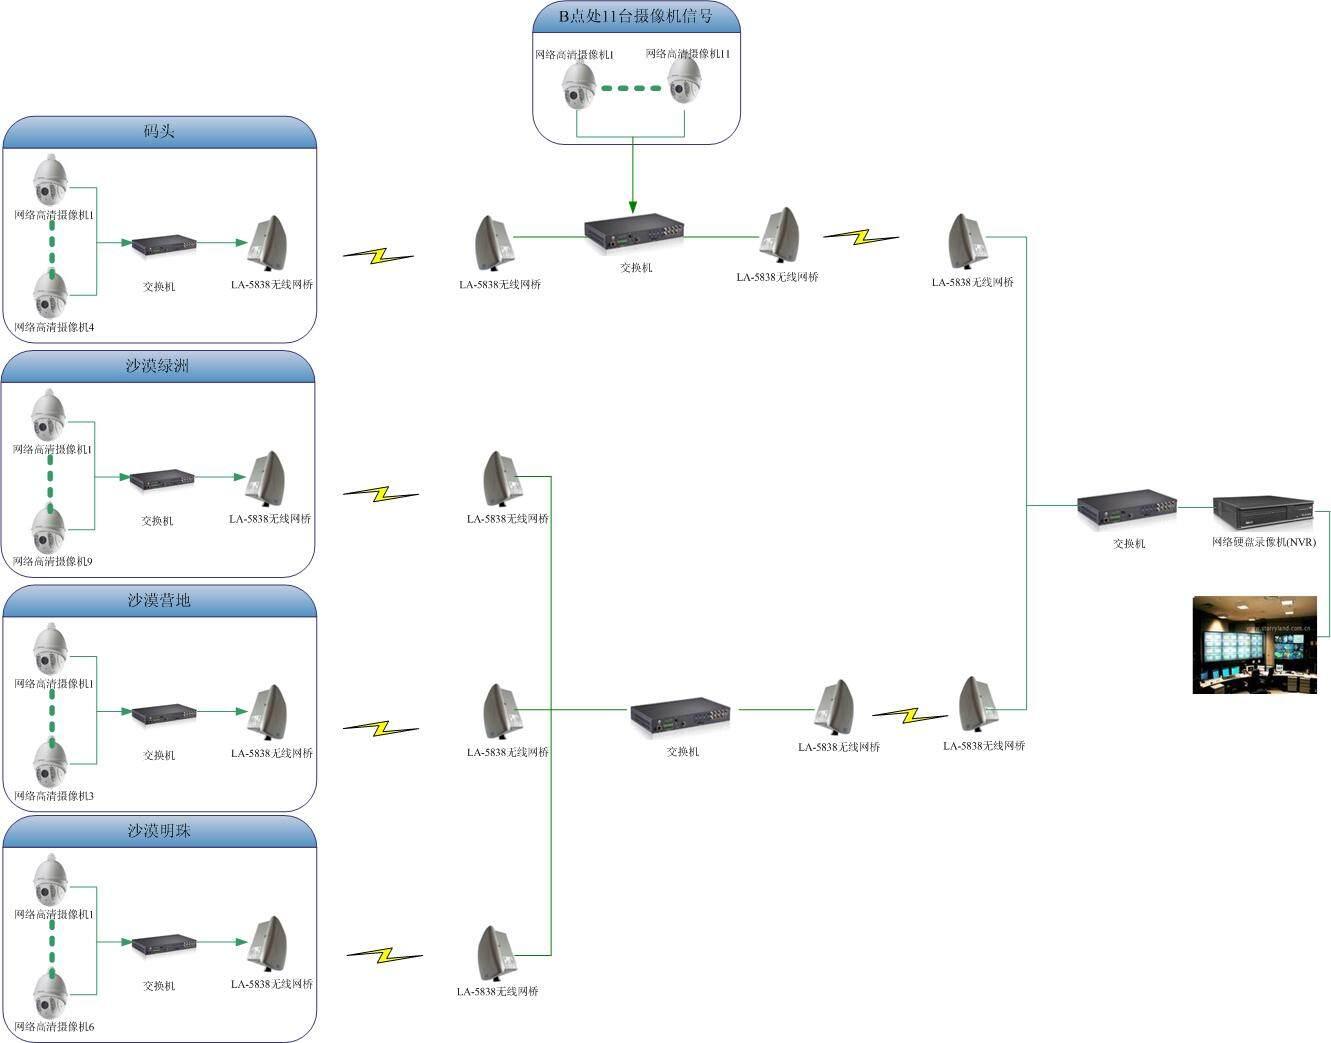 无线监控系统无线网桥 无线网桥的概念